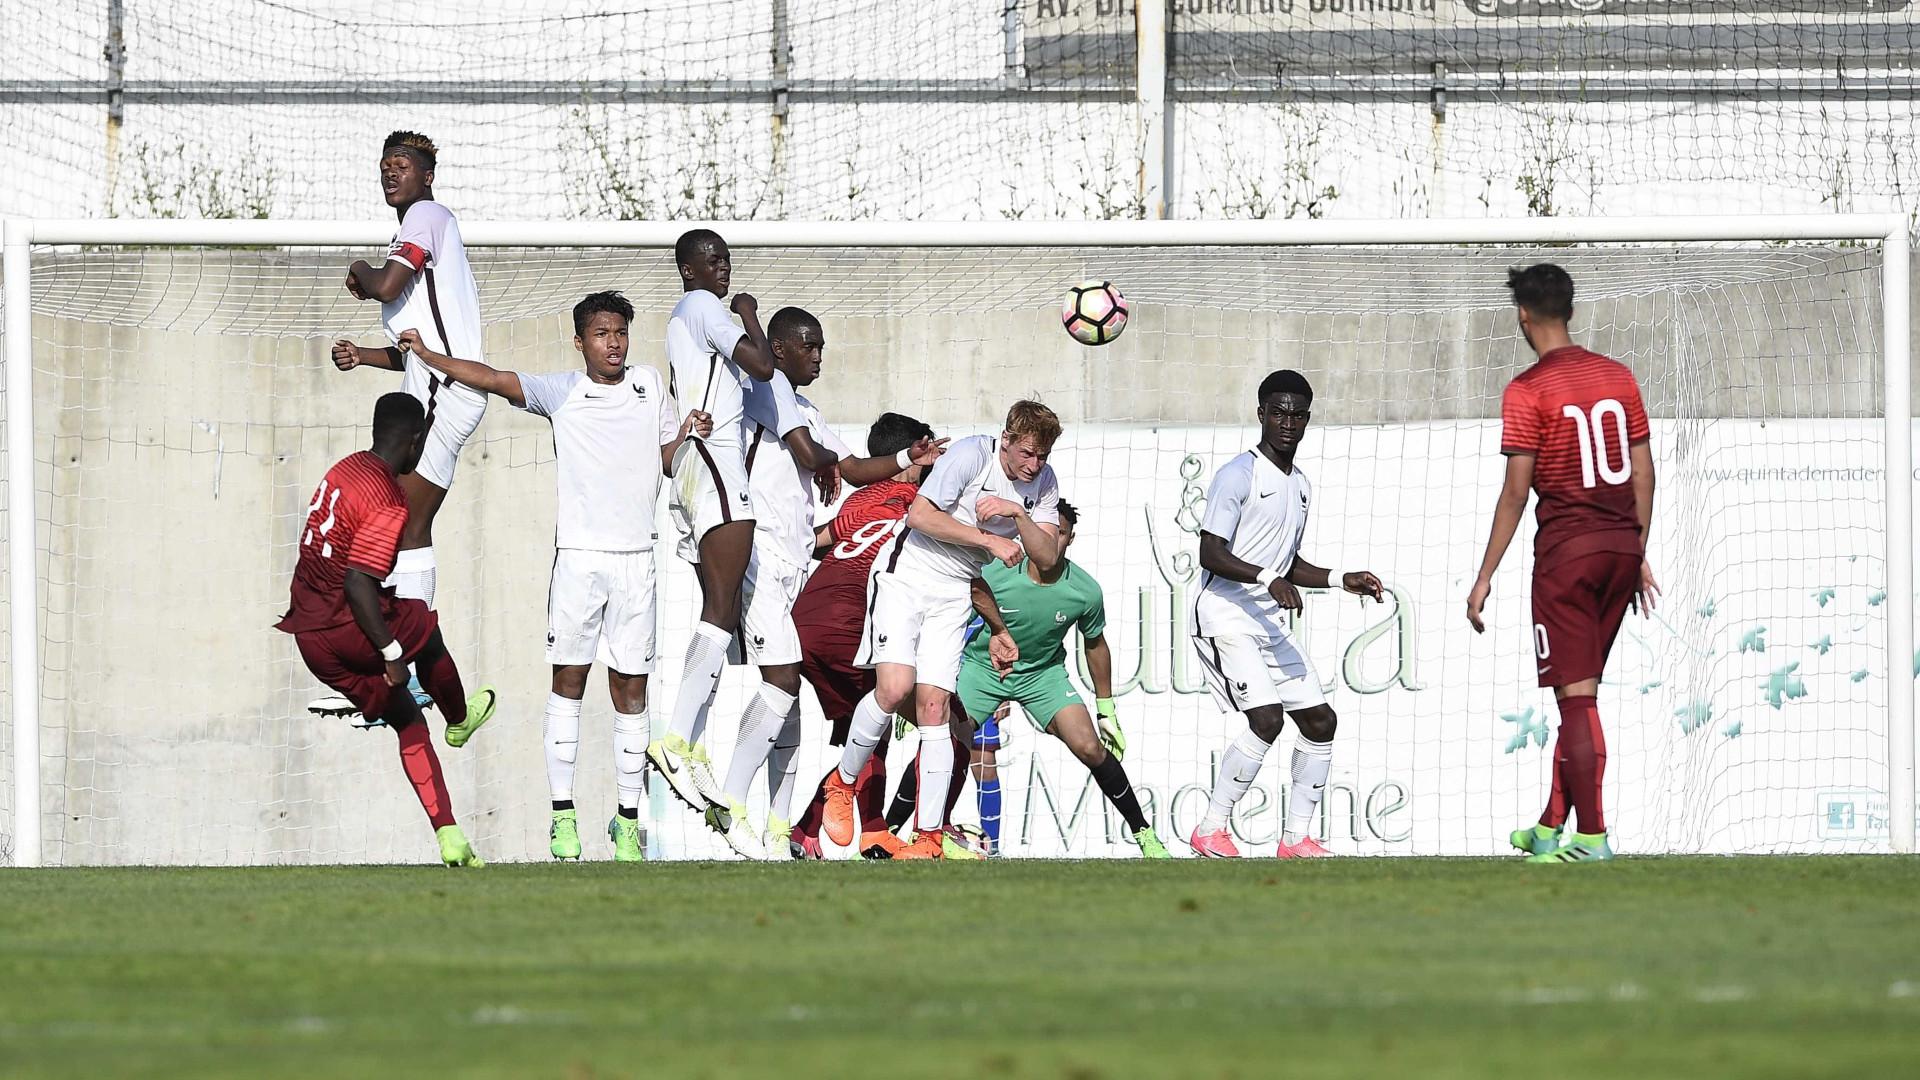 Seleção portuguesa vence Torneio Internacional do Porto